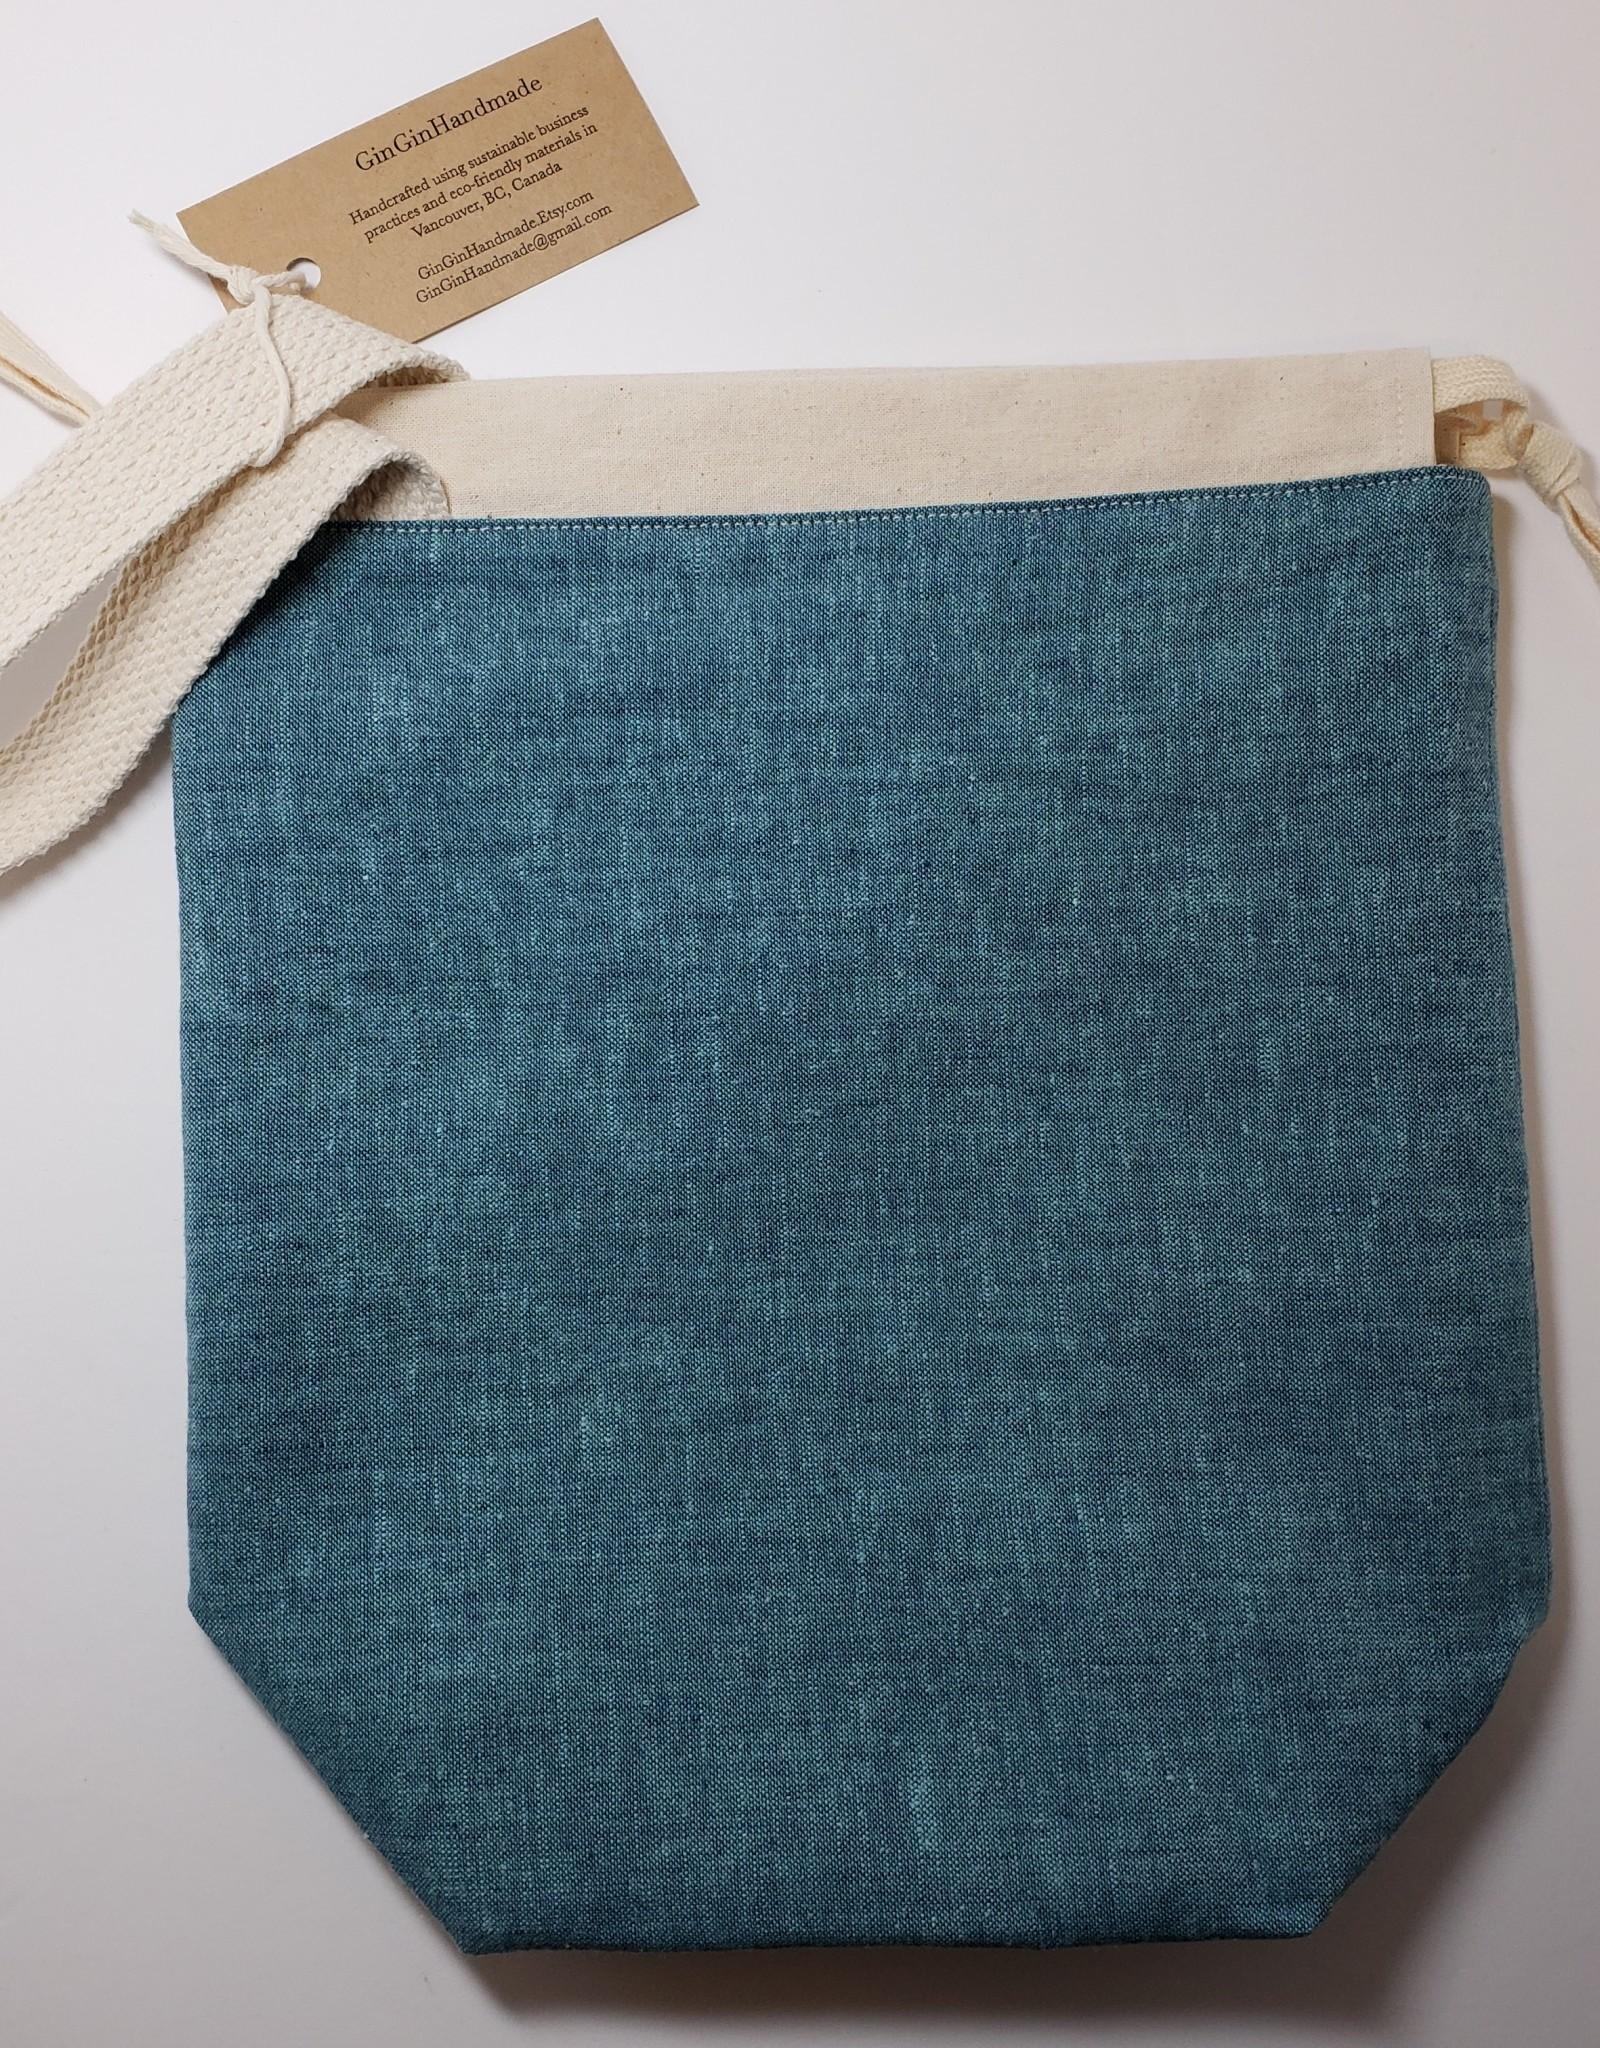 GinGin Handmade - Small - Turquoise